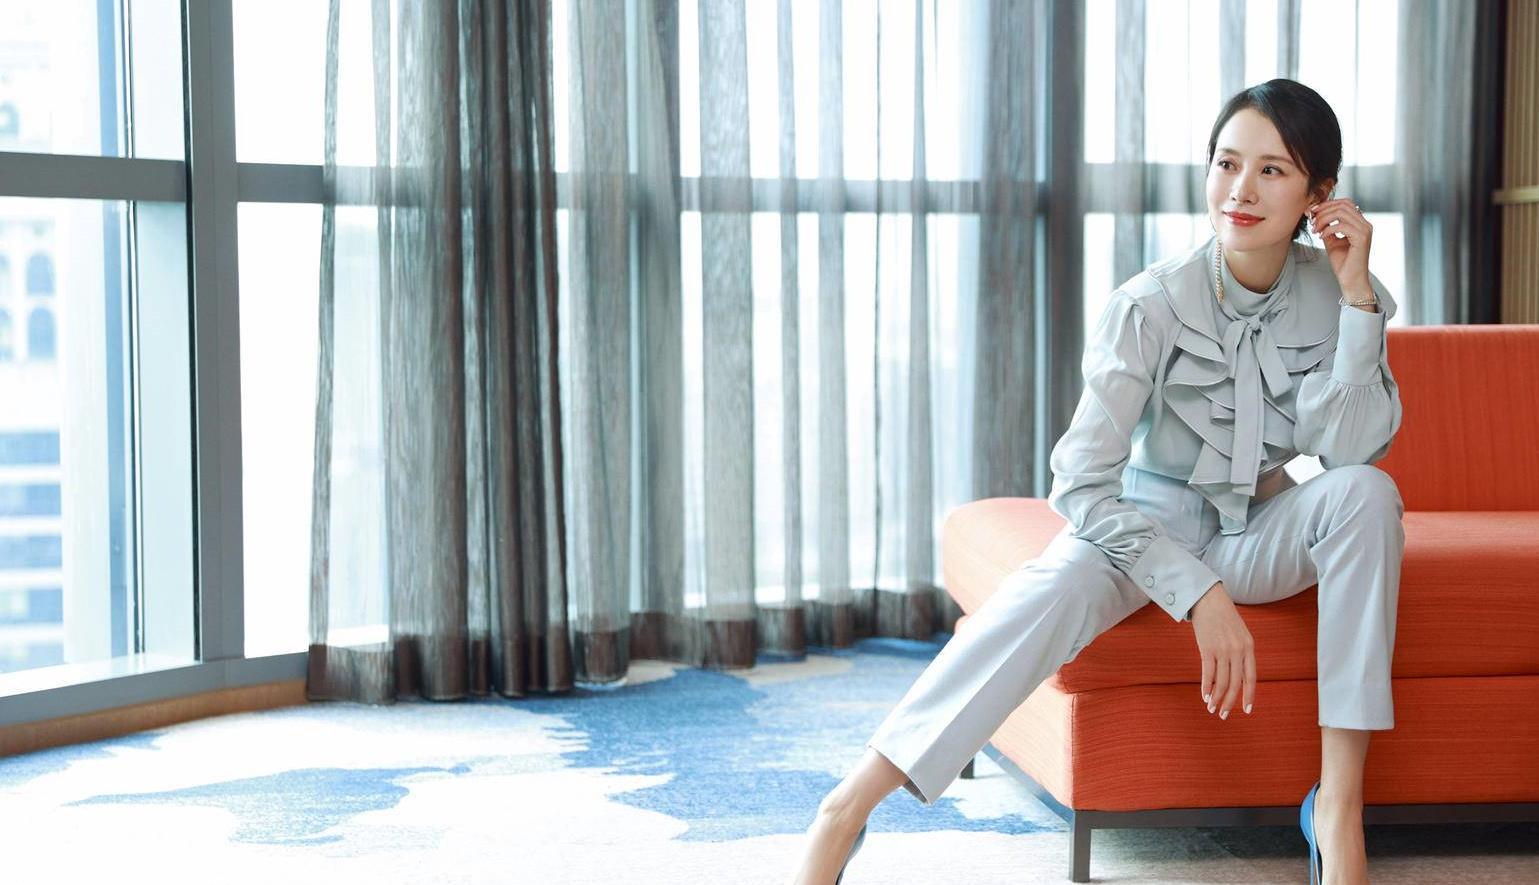 国民媳妇海清太会穿!荷叶领衬衫搭西裤美成焦点,精英范真适合她